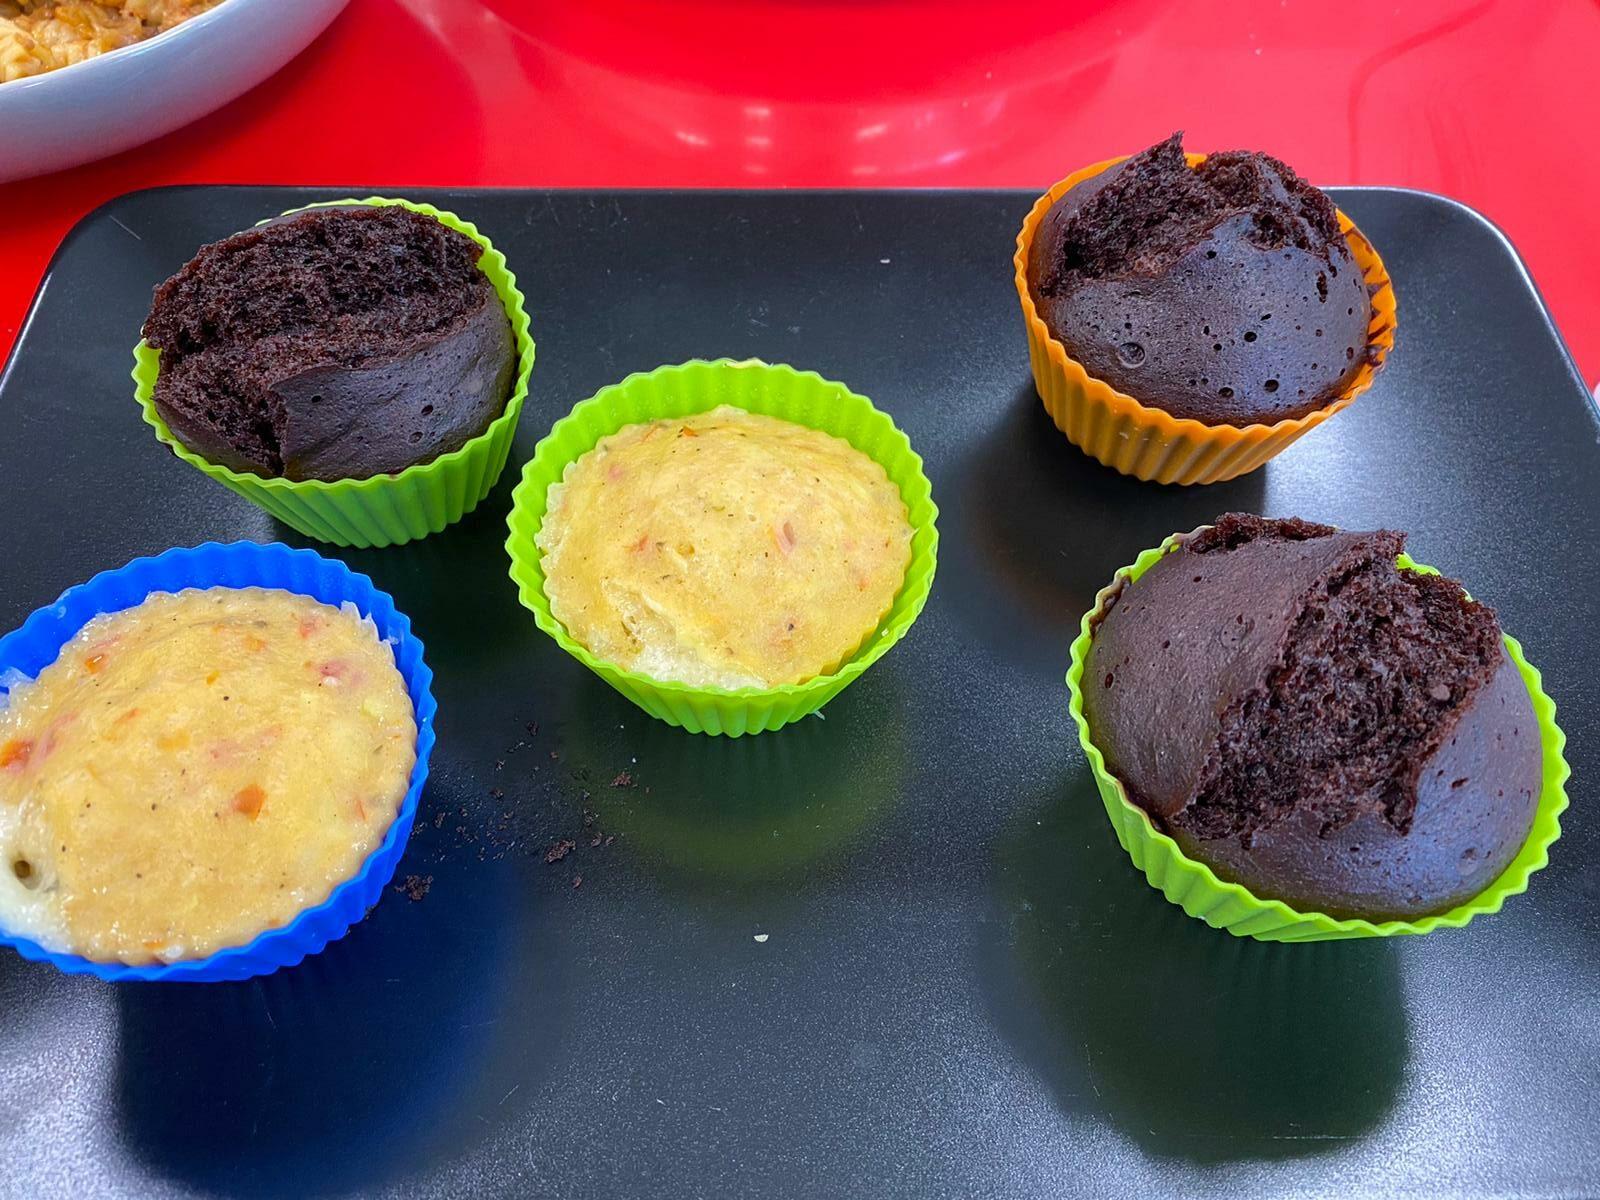 MUFFINS DULCES Y SALADOS 1 rotated - Cocina rápida y sana para toda la familia con AMC